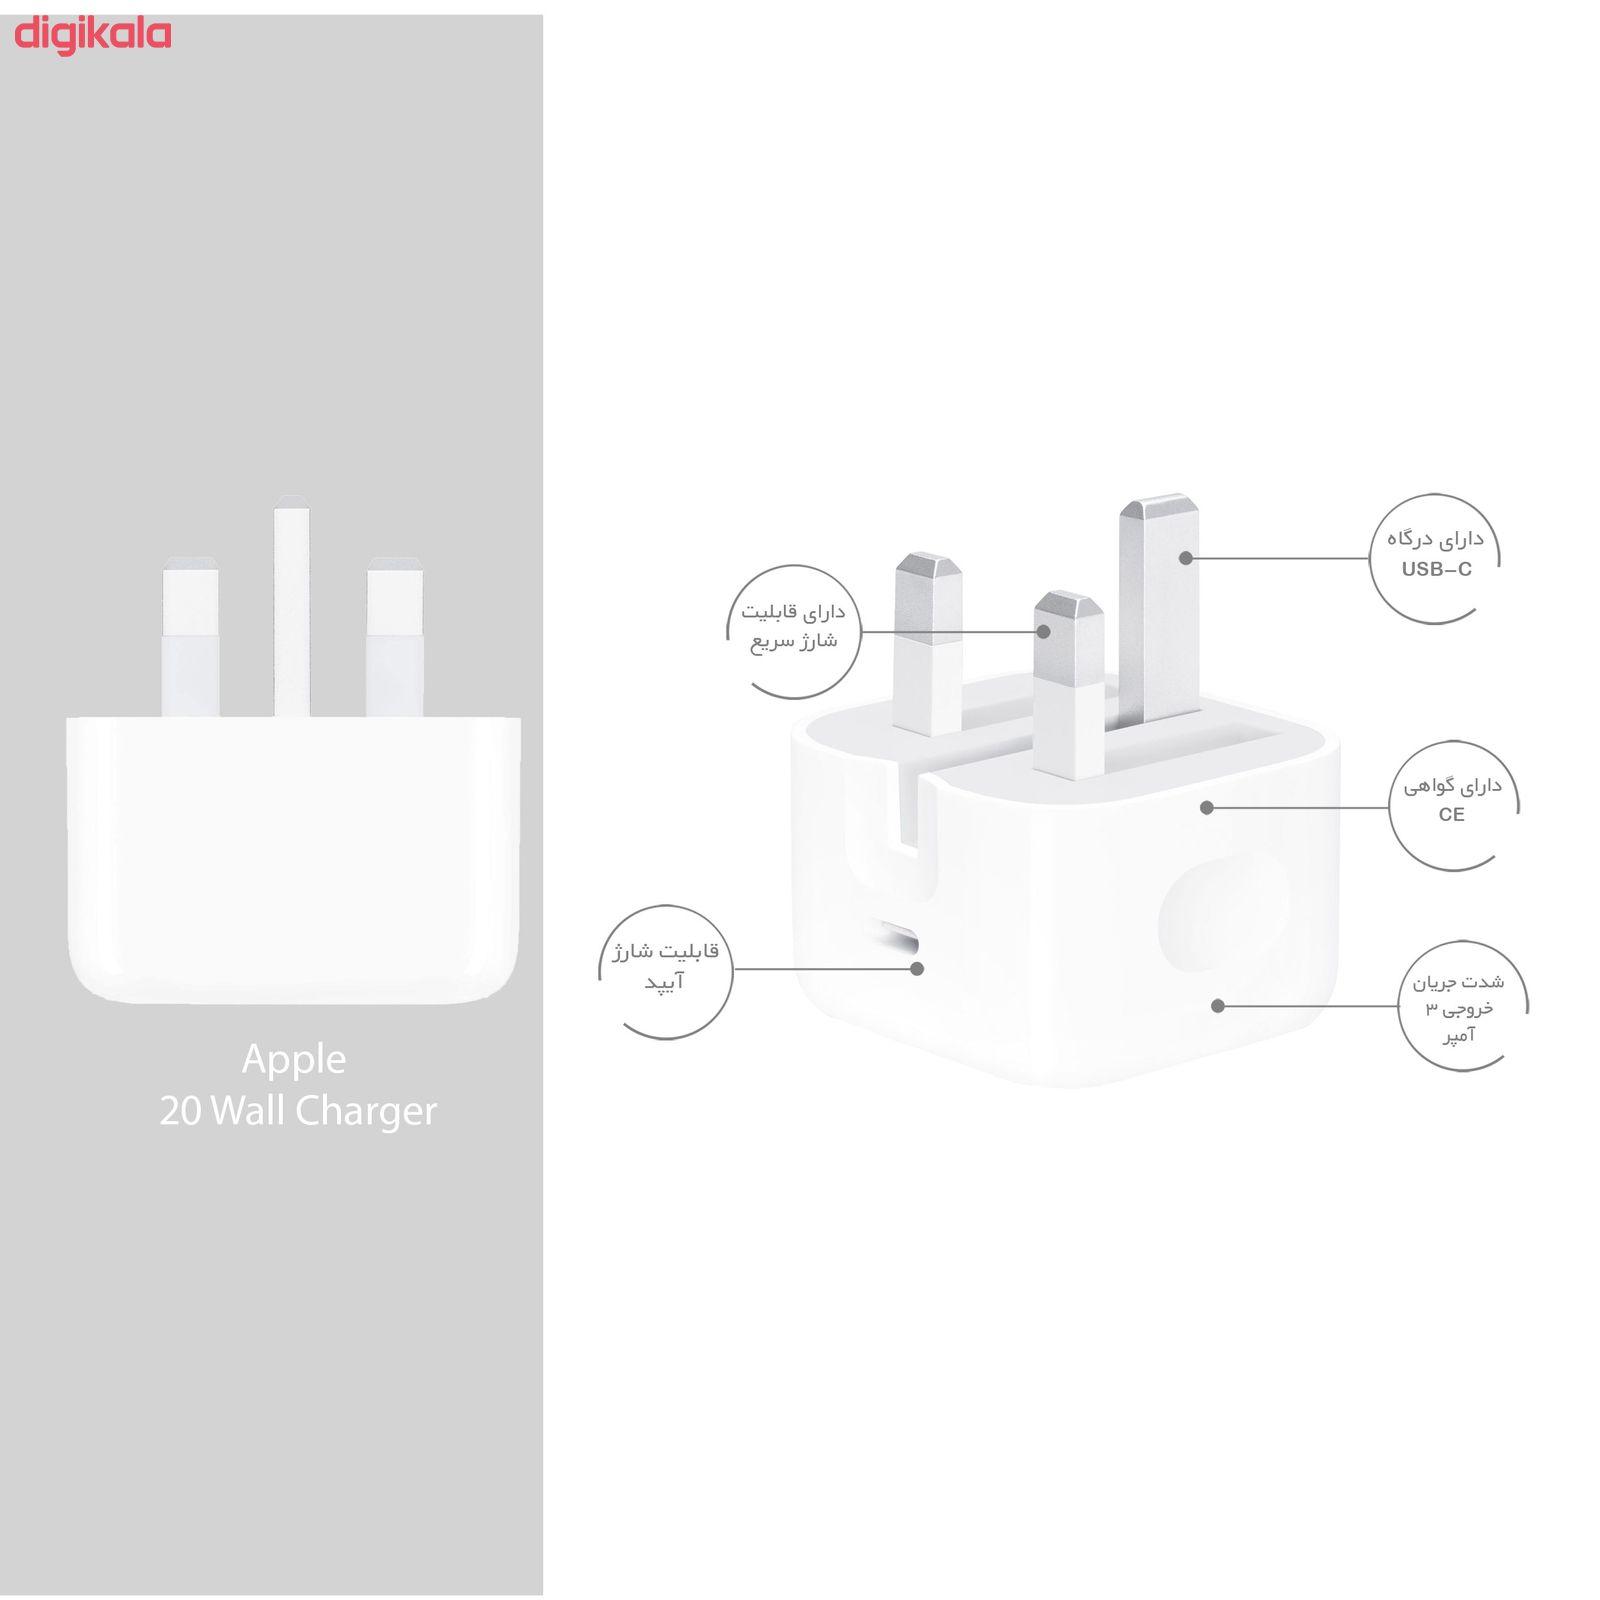 شارژر دیواری اپل مدل 20 وات main 1 4